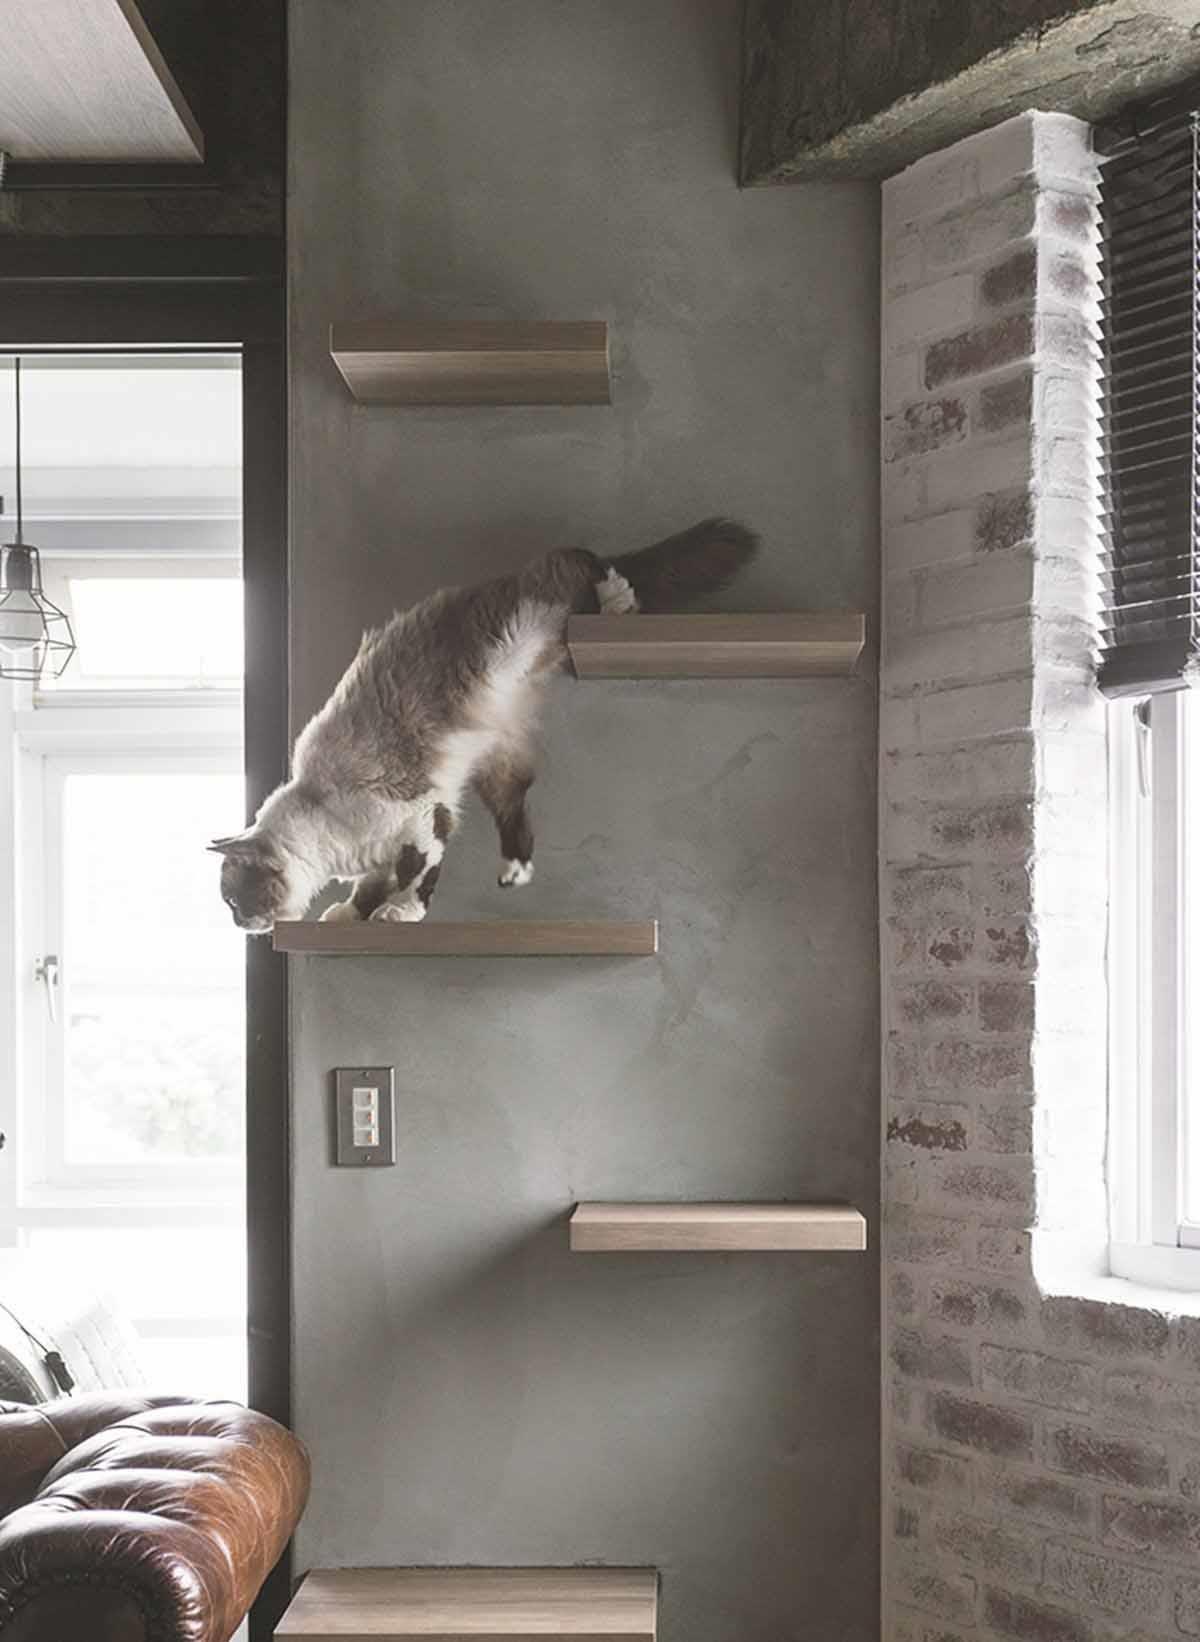 沿窗台規劃的貓跳台。因為貓咪喜歡坐在窗台看窗外,因此刻意沿窗台區規劃另一個實木製作的貓跳台,讓貓咪可從窗台跳到跳台,再走上結構樑旁邊的專屬貓道。